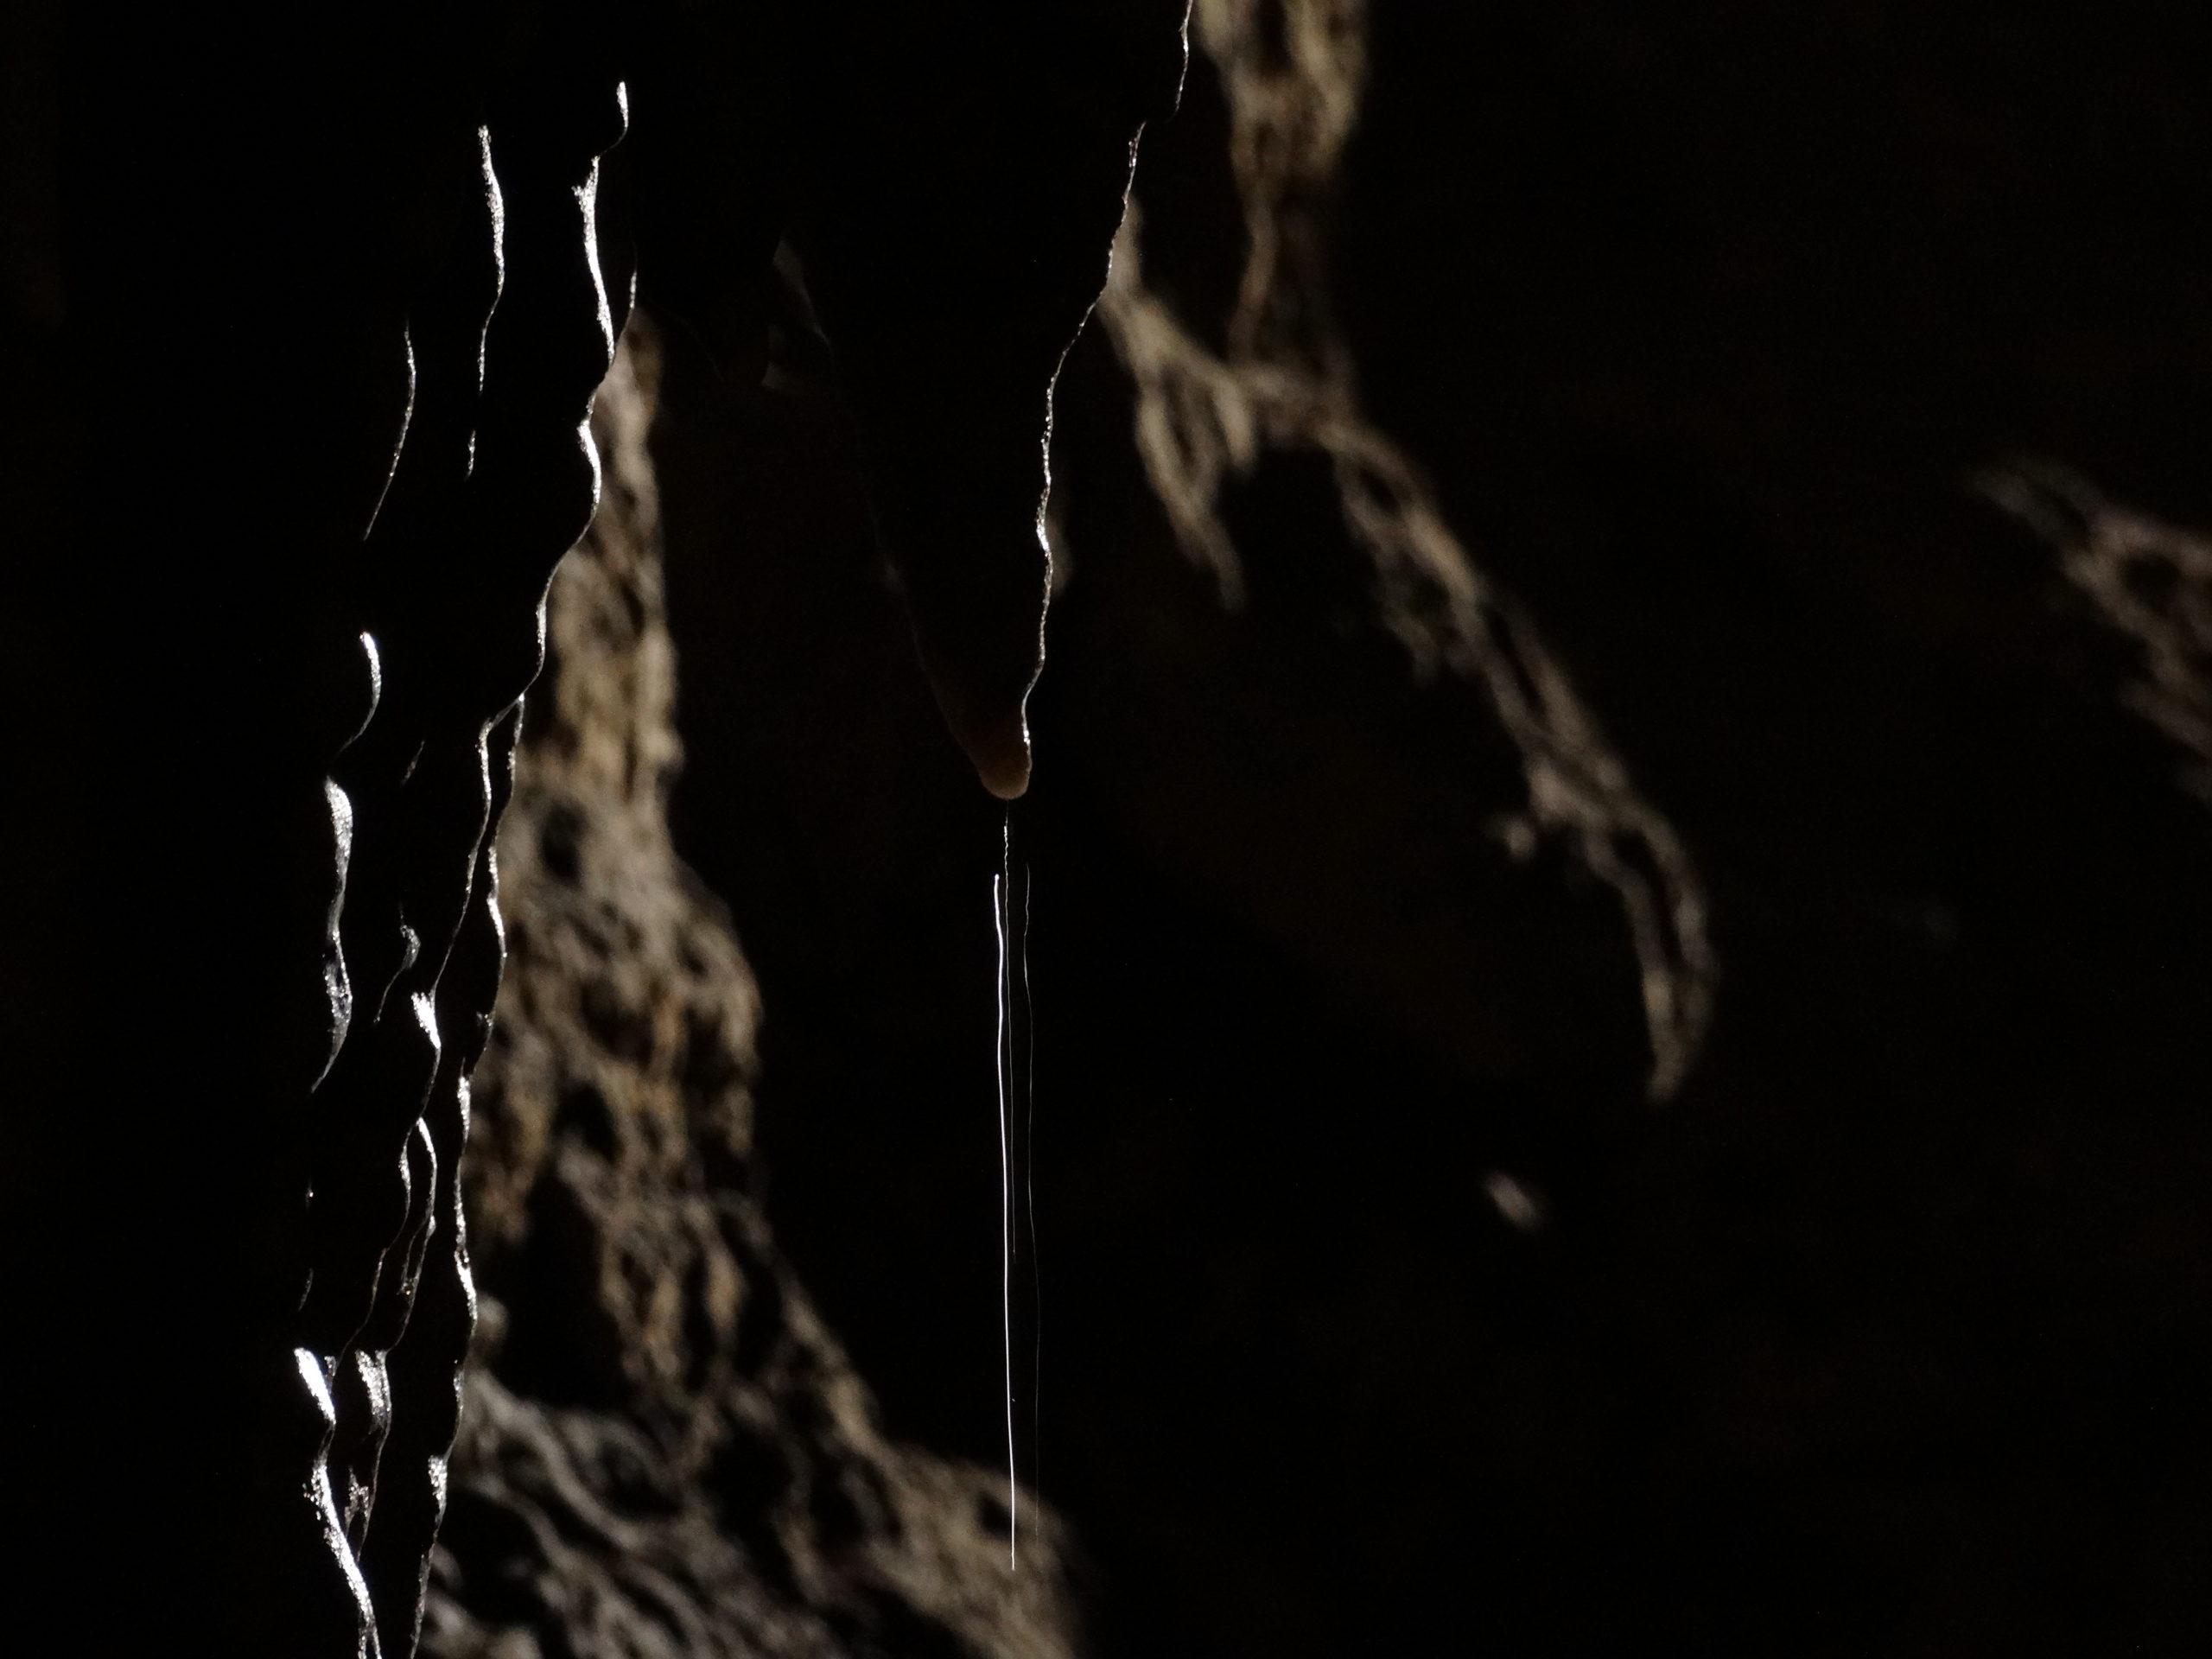 Grotte de Comblain - Détail d'un stalagtite ©Deplancke Michael